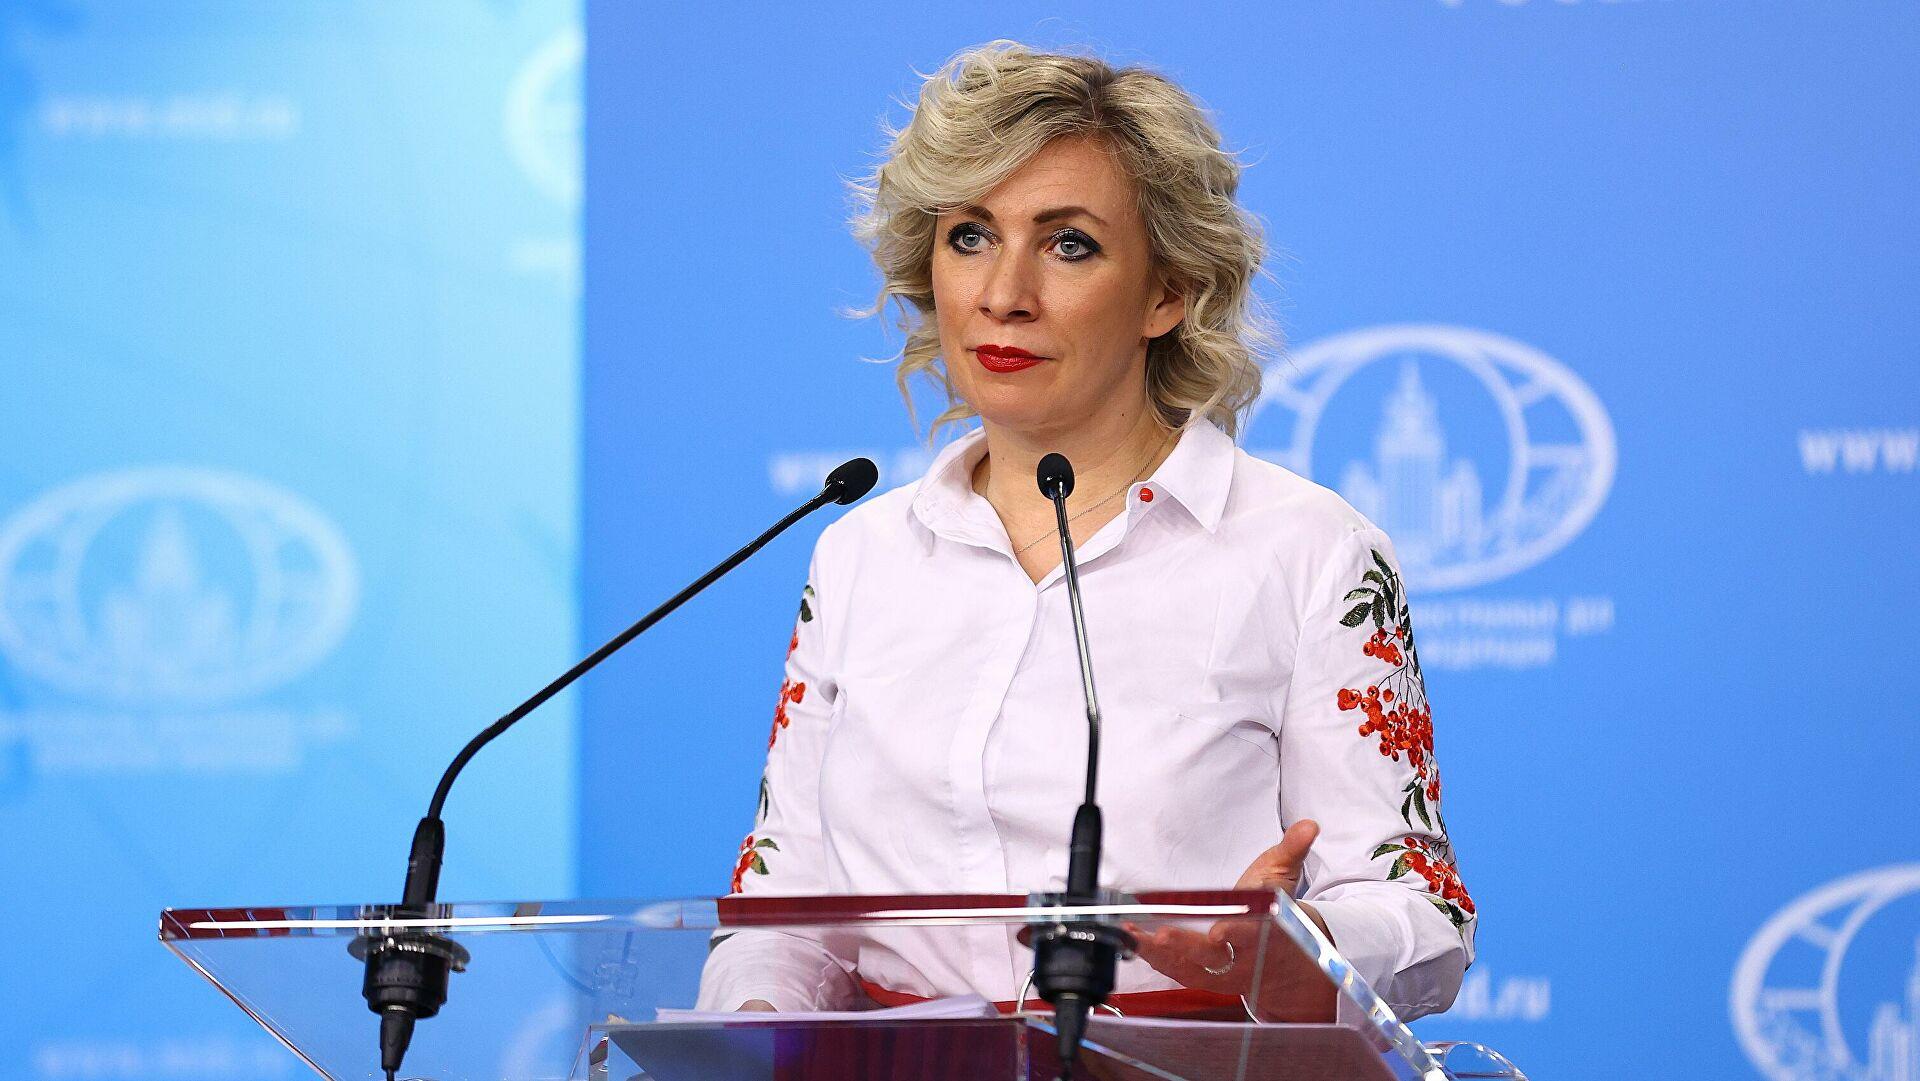 Захарова: Одлука ЕУ да прошири санкције против Русије циркус са унапред припремљеним сценаријом